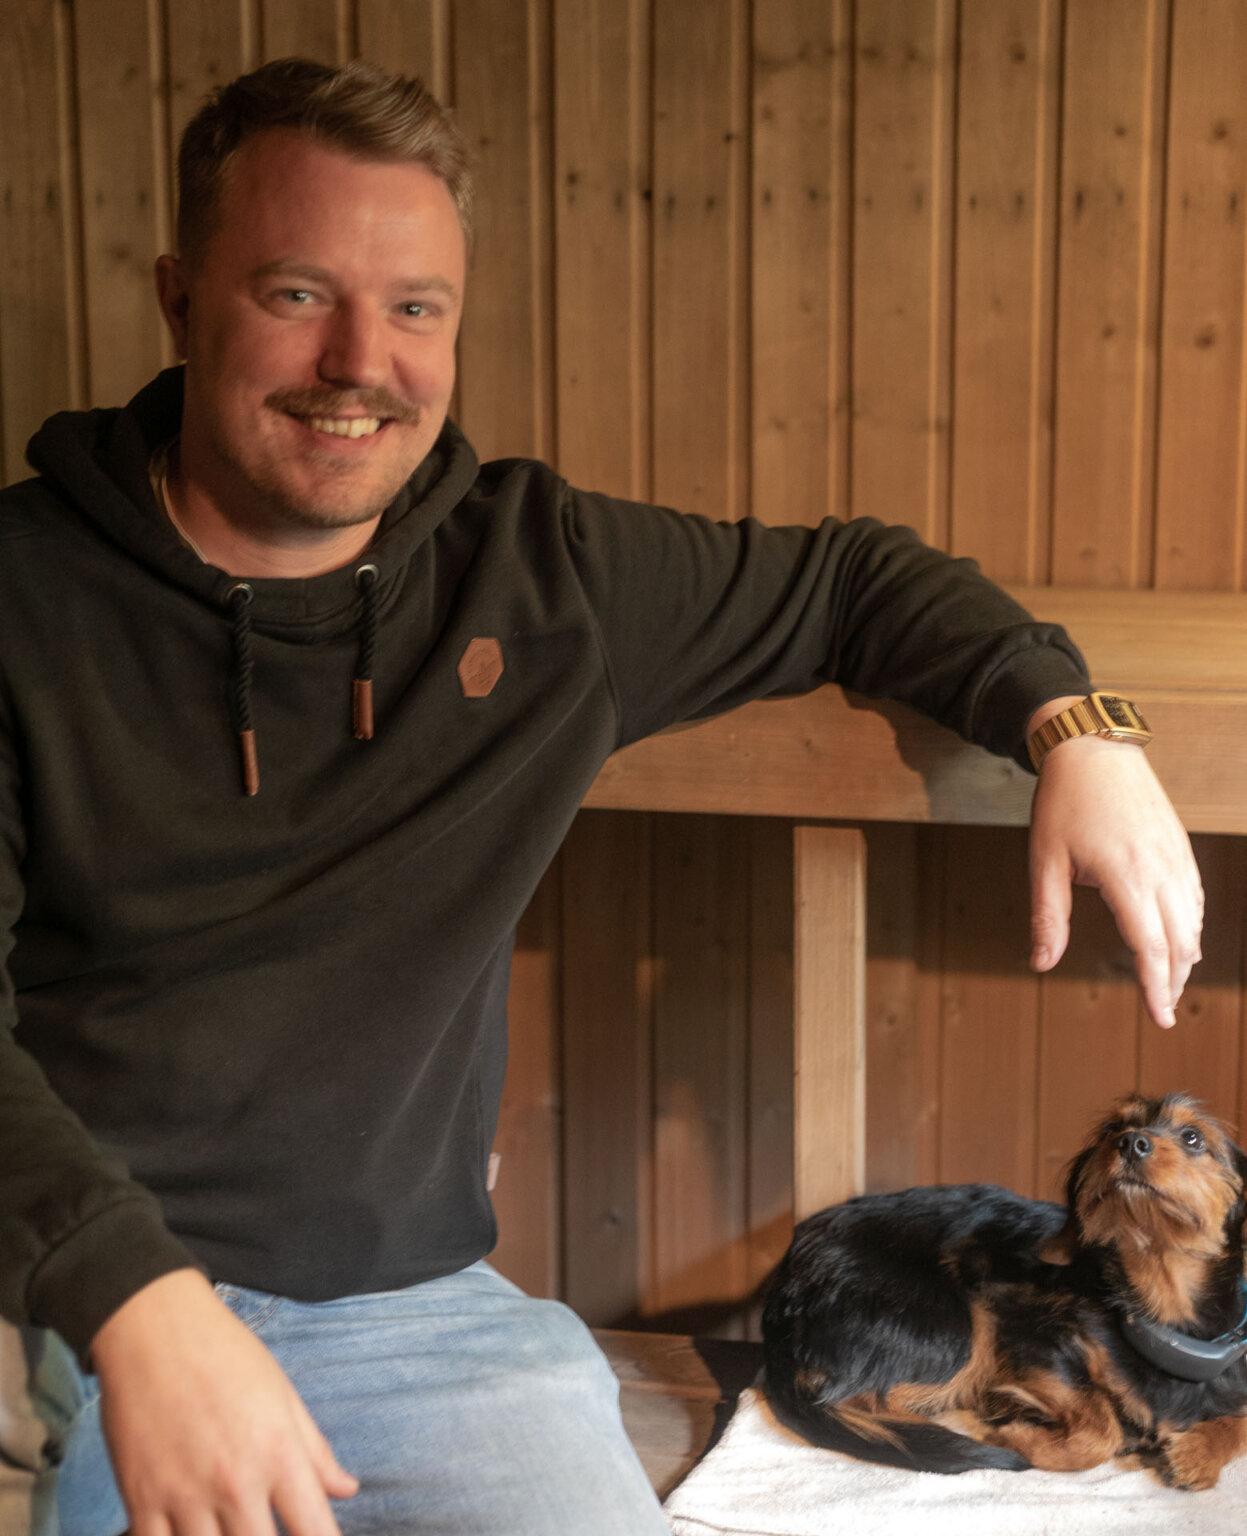 210913-juup-yrittaja+koira-1627